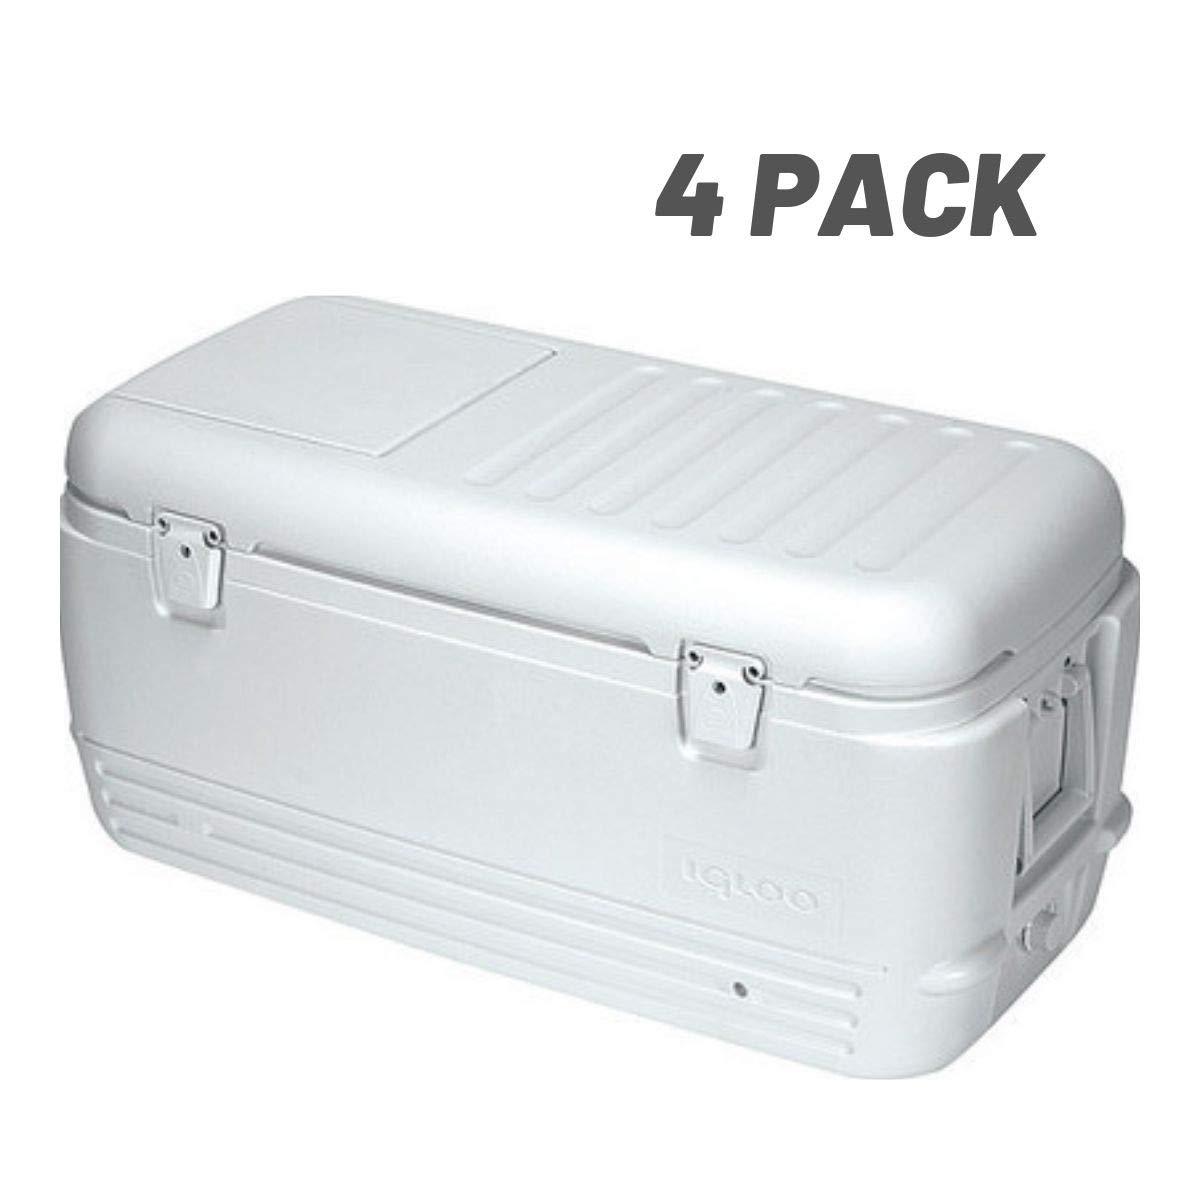 Igloo Quick and Cool 100 Qt. Cooler - 11442 (100-Quart - 4 Pack)